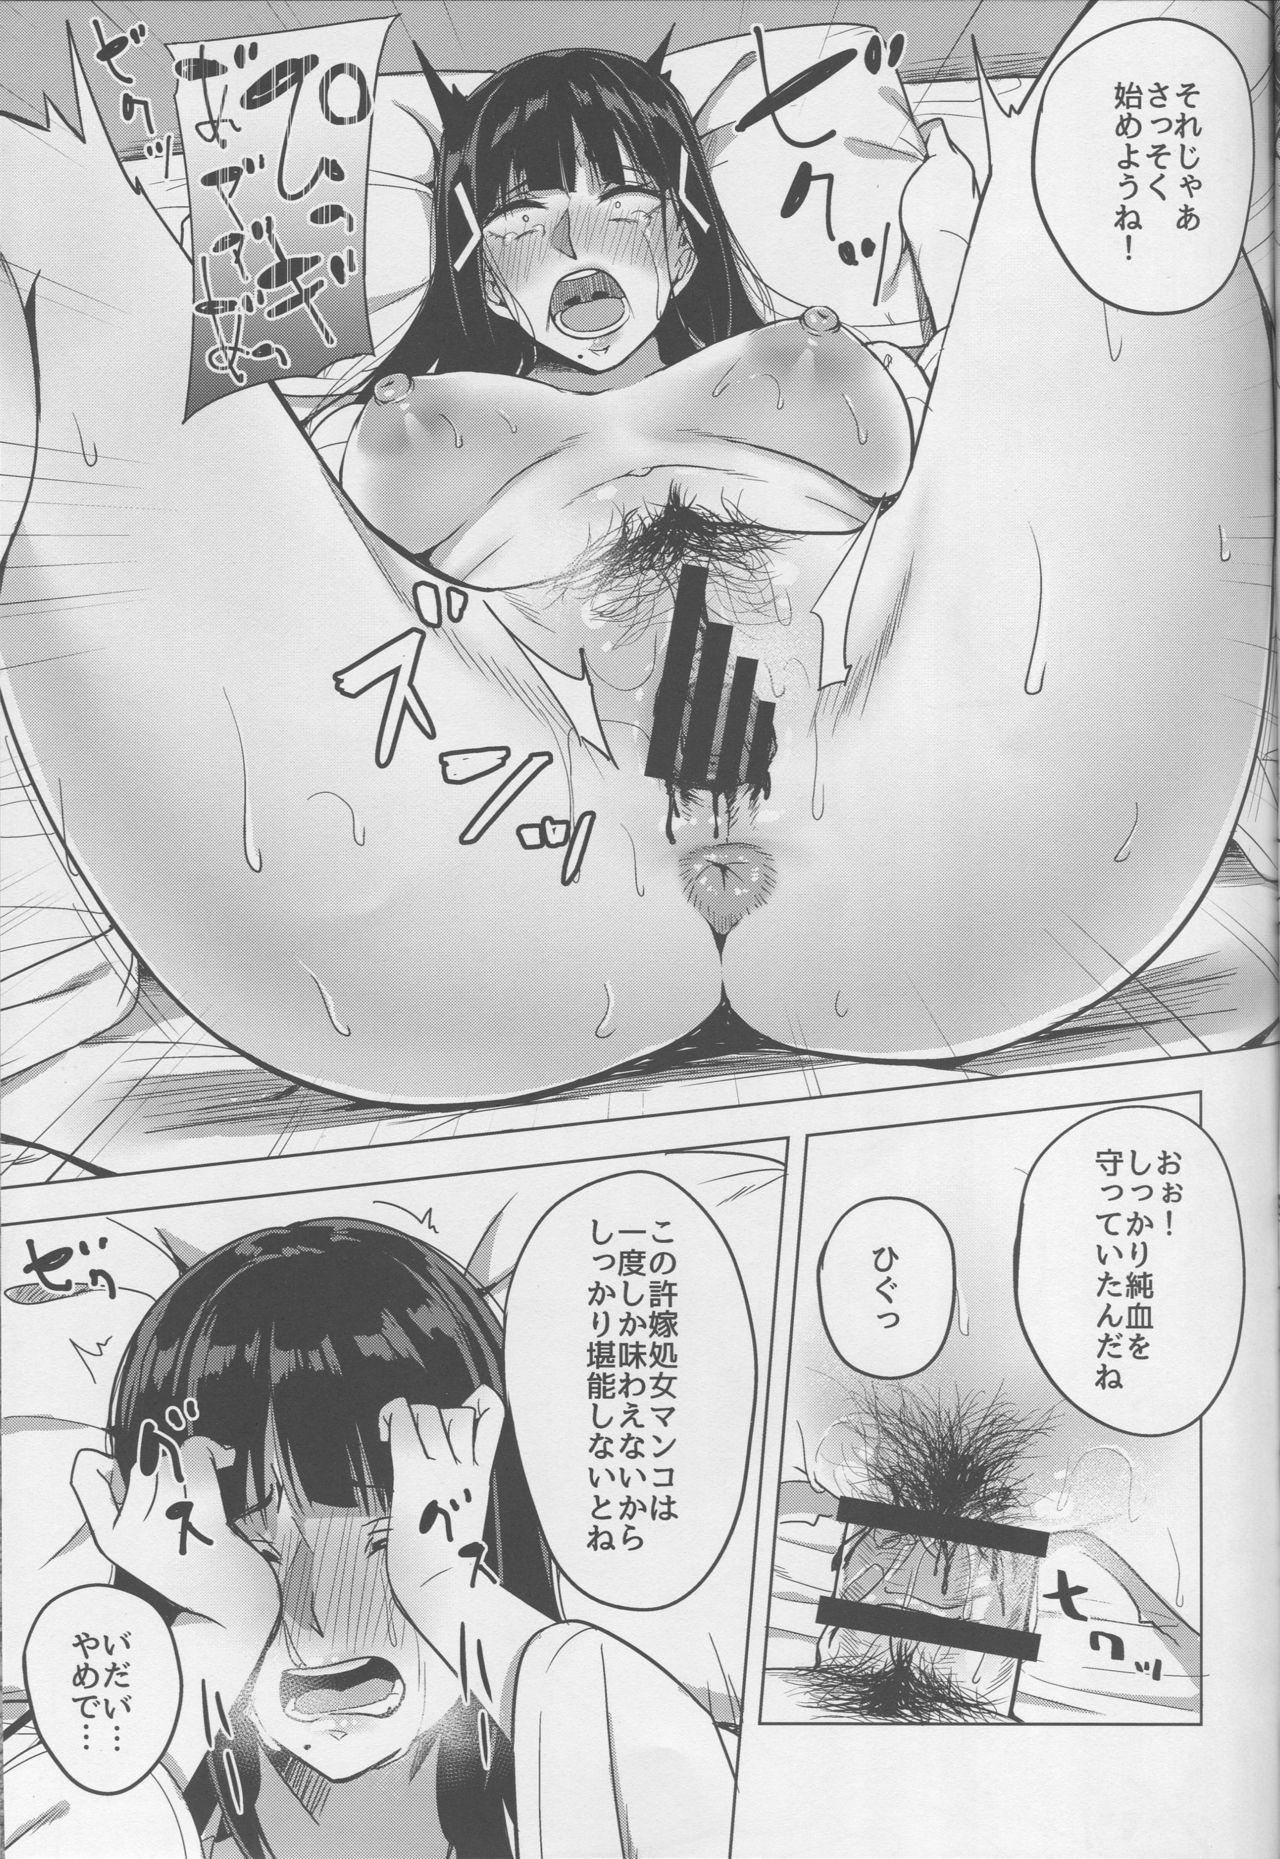 Kurosawa-ke no Inshuu 6